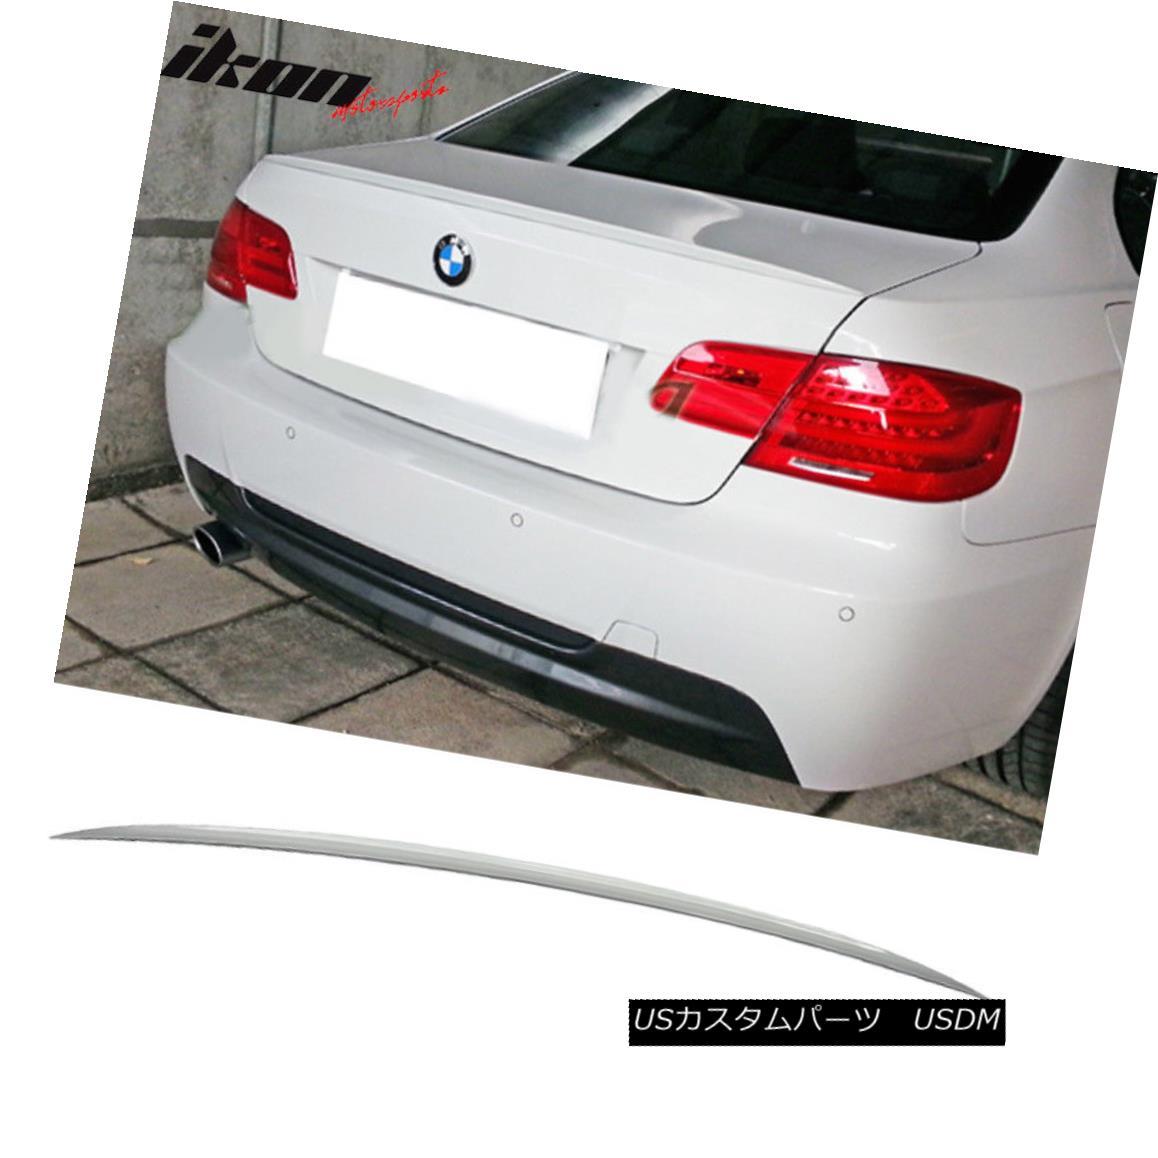 エアロパーツ Fits 07-13 BMW 3 Series E92 Coupe M3 Trunk Spoiler Painted #A52 Space Gray フィット07?13 BMW 3シリーズE92クーペM3トランク・スポイラー#A52スペース・グレー